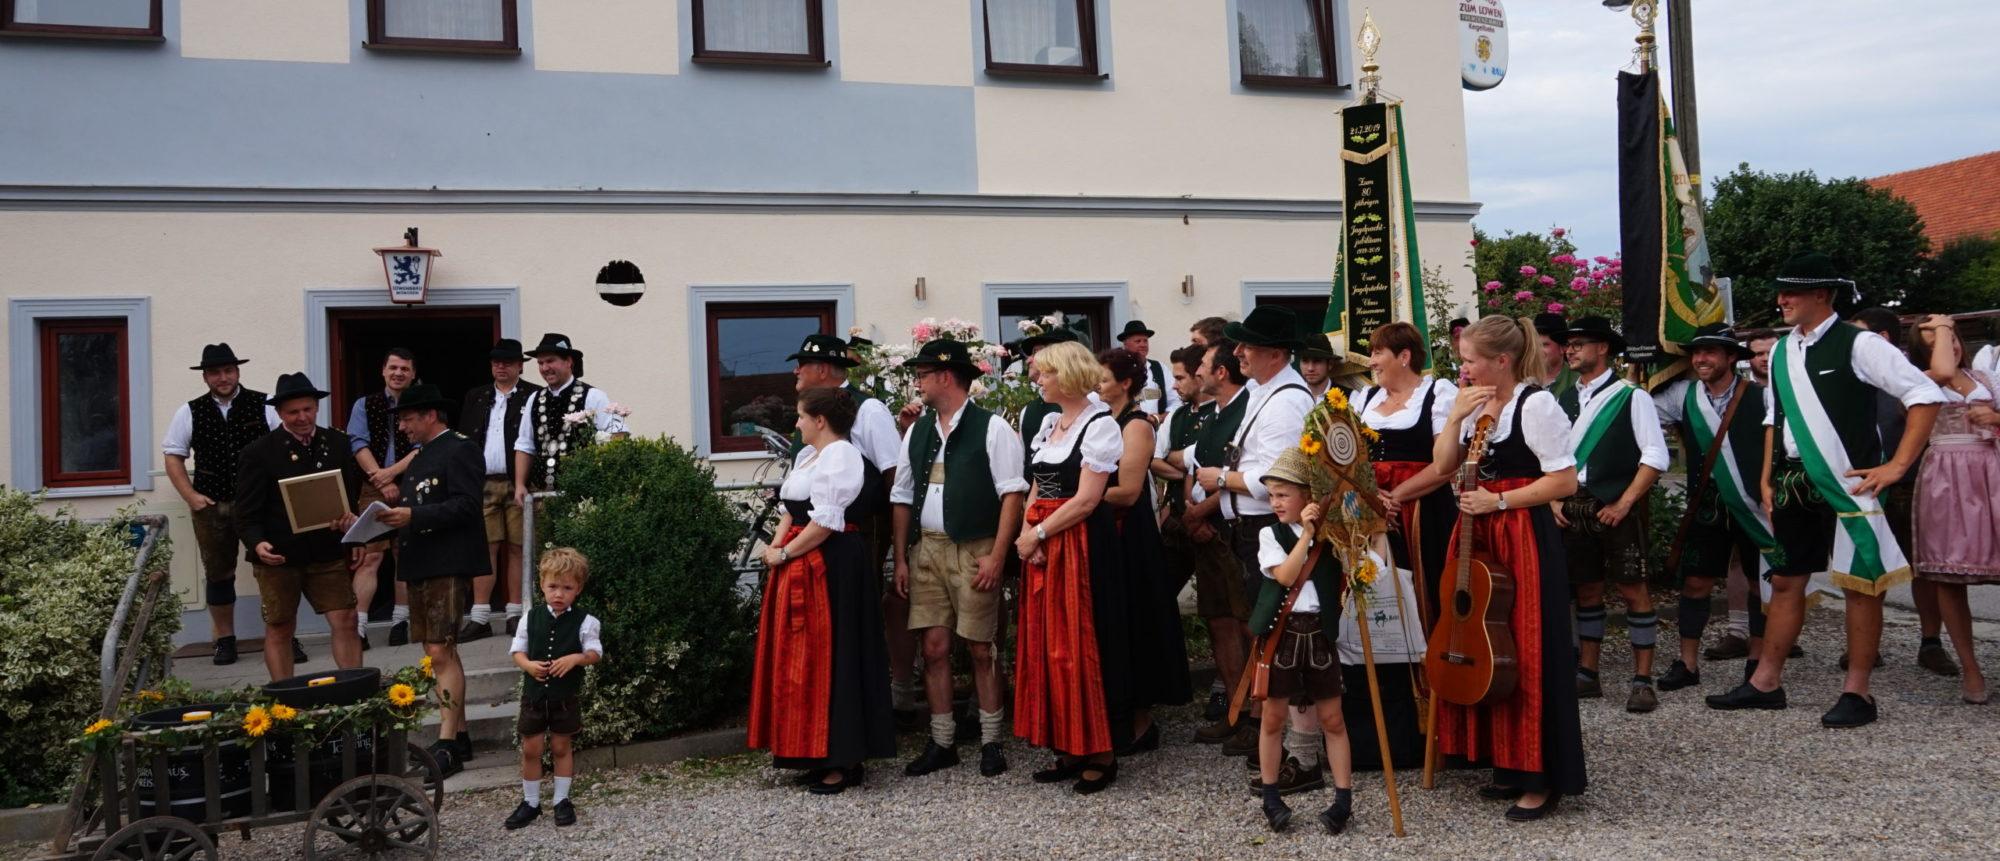 Schützenverein Eintracht Giggenhausen